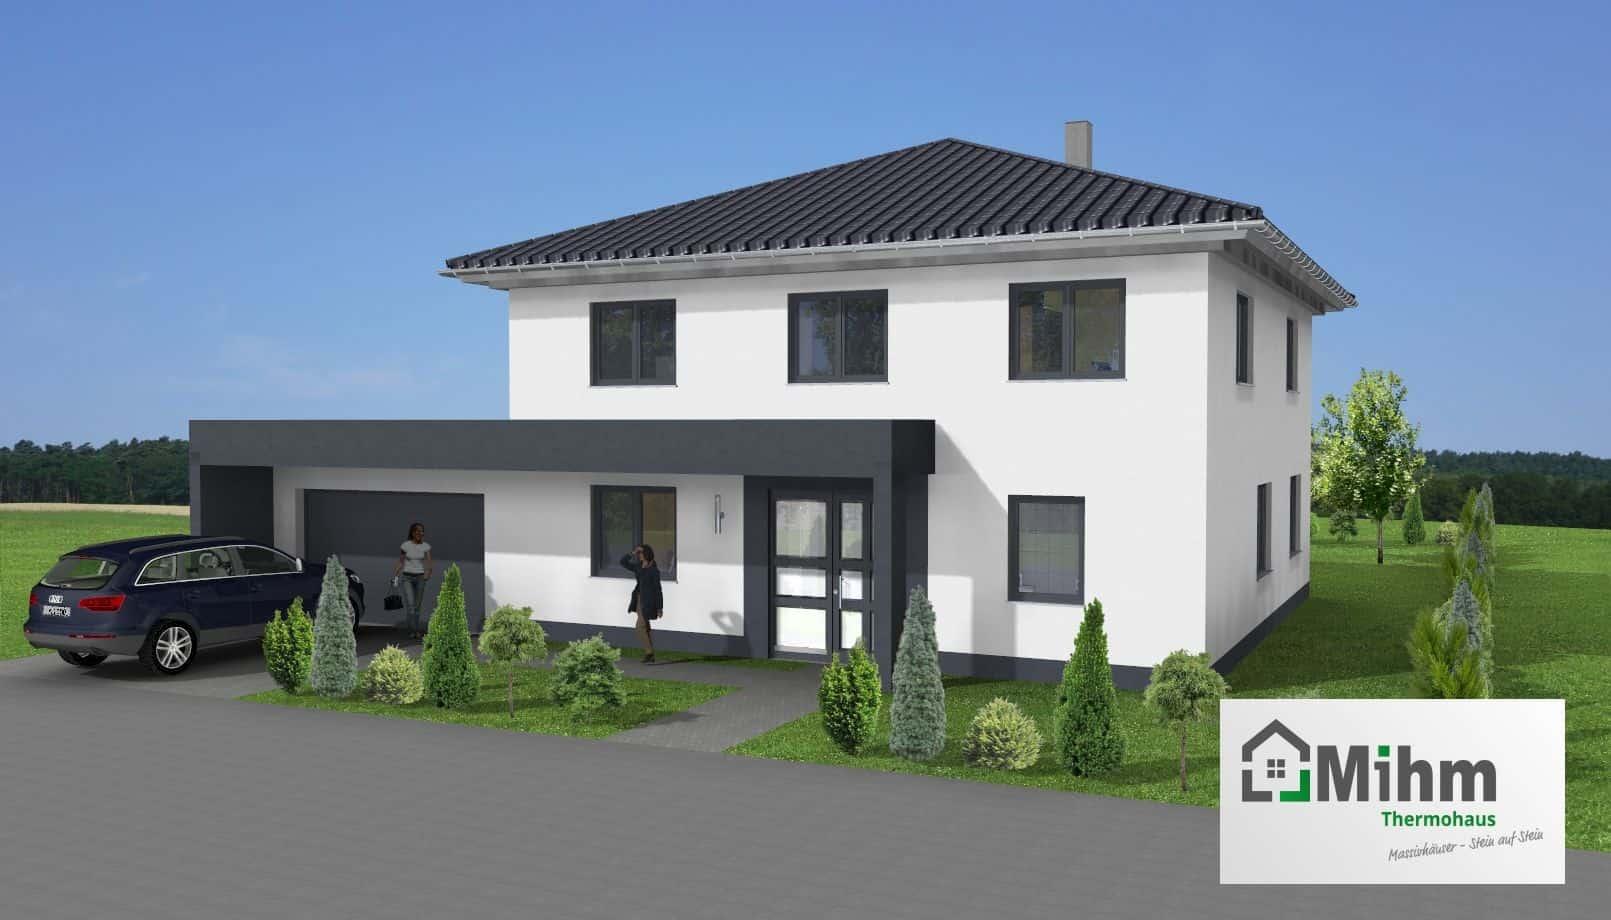 Stadtvilla Mit Garage : stadtvilla mit garage in 35576 wetzlar massivhausbau ~ A.2002-acura-tl-radio.info Haus und Dekorationen